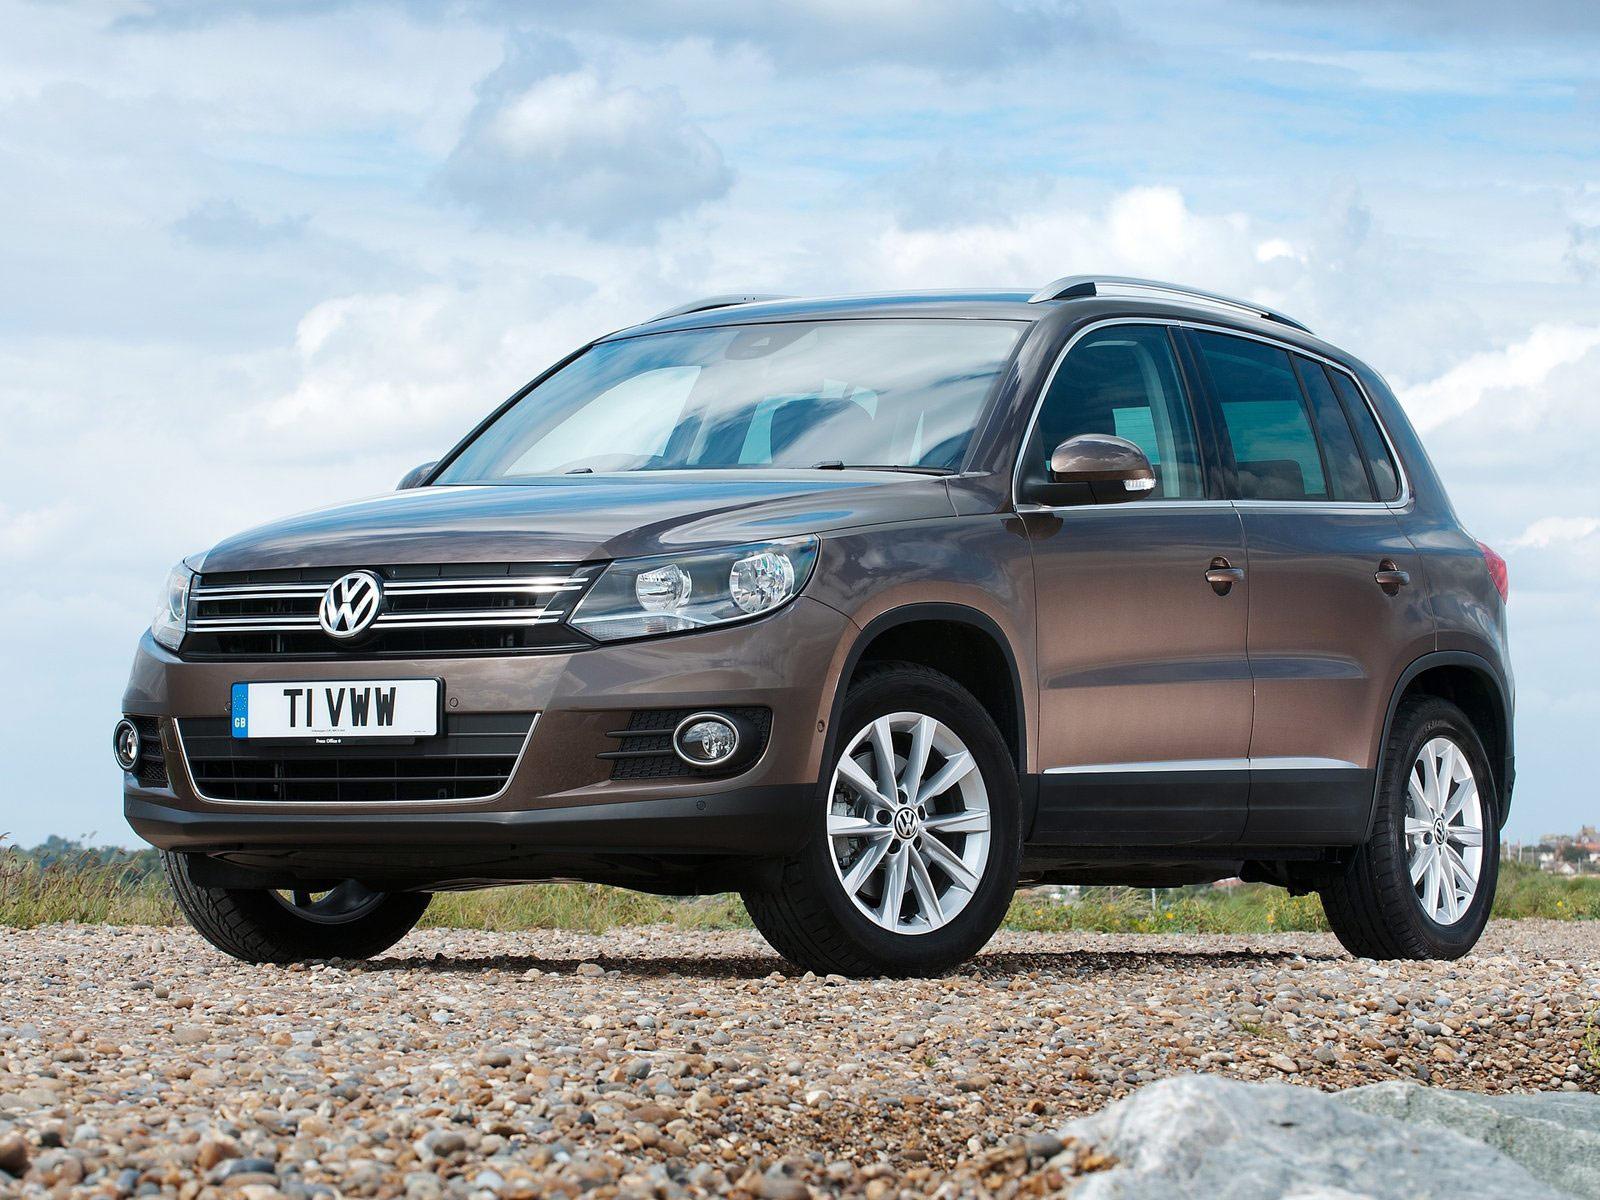 2012 Vw Tiguan Volkswagen Wallpapers Review Features